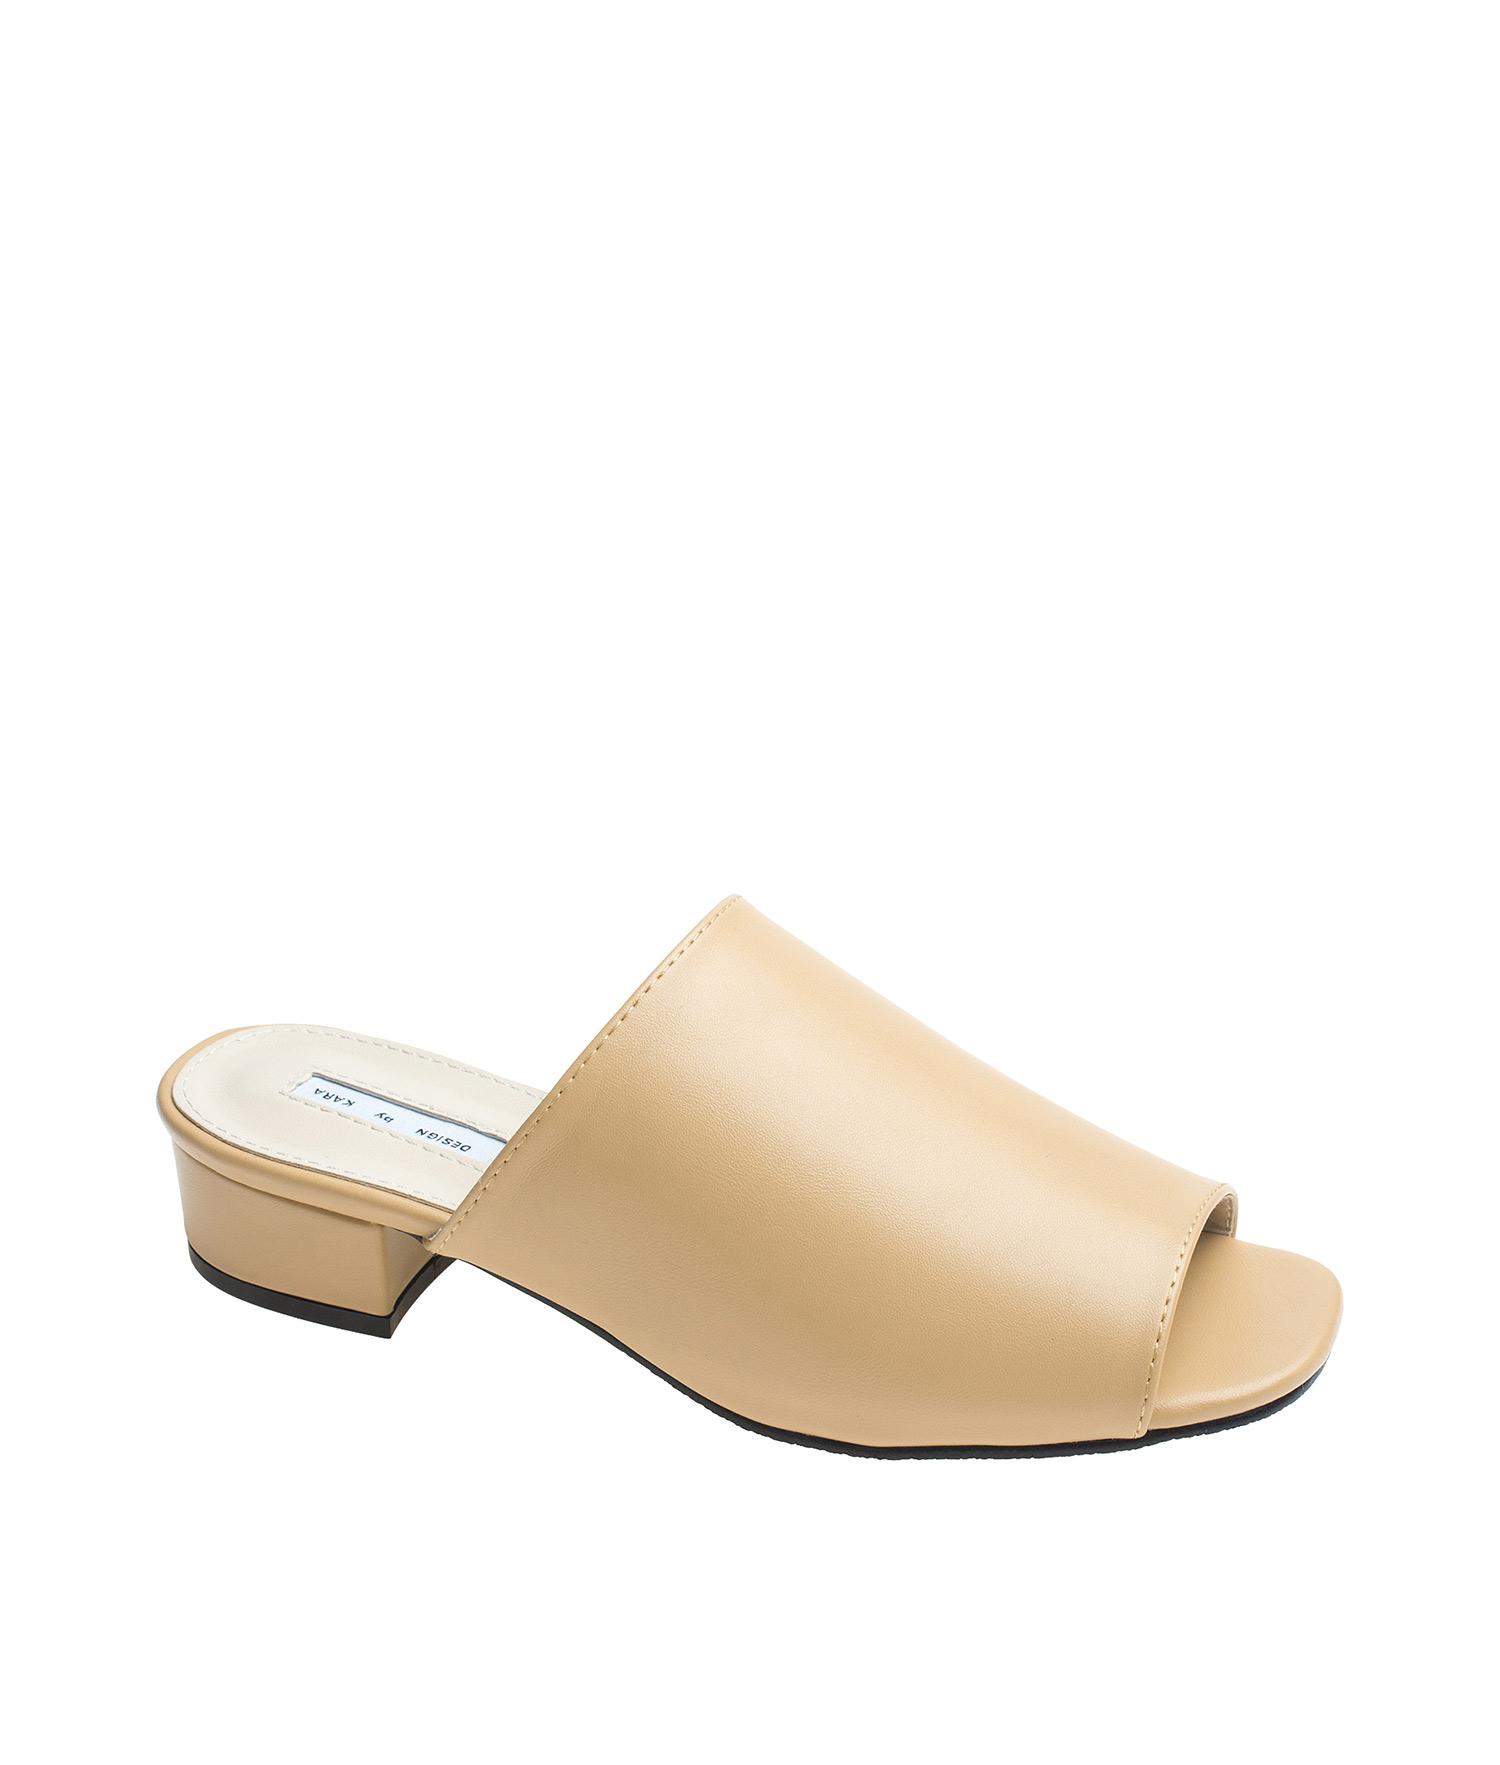 877fe13fd74 Low Heel Mule-Like Sandals